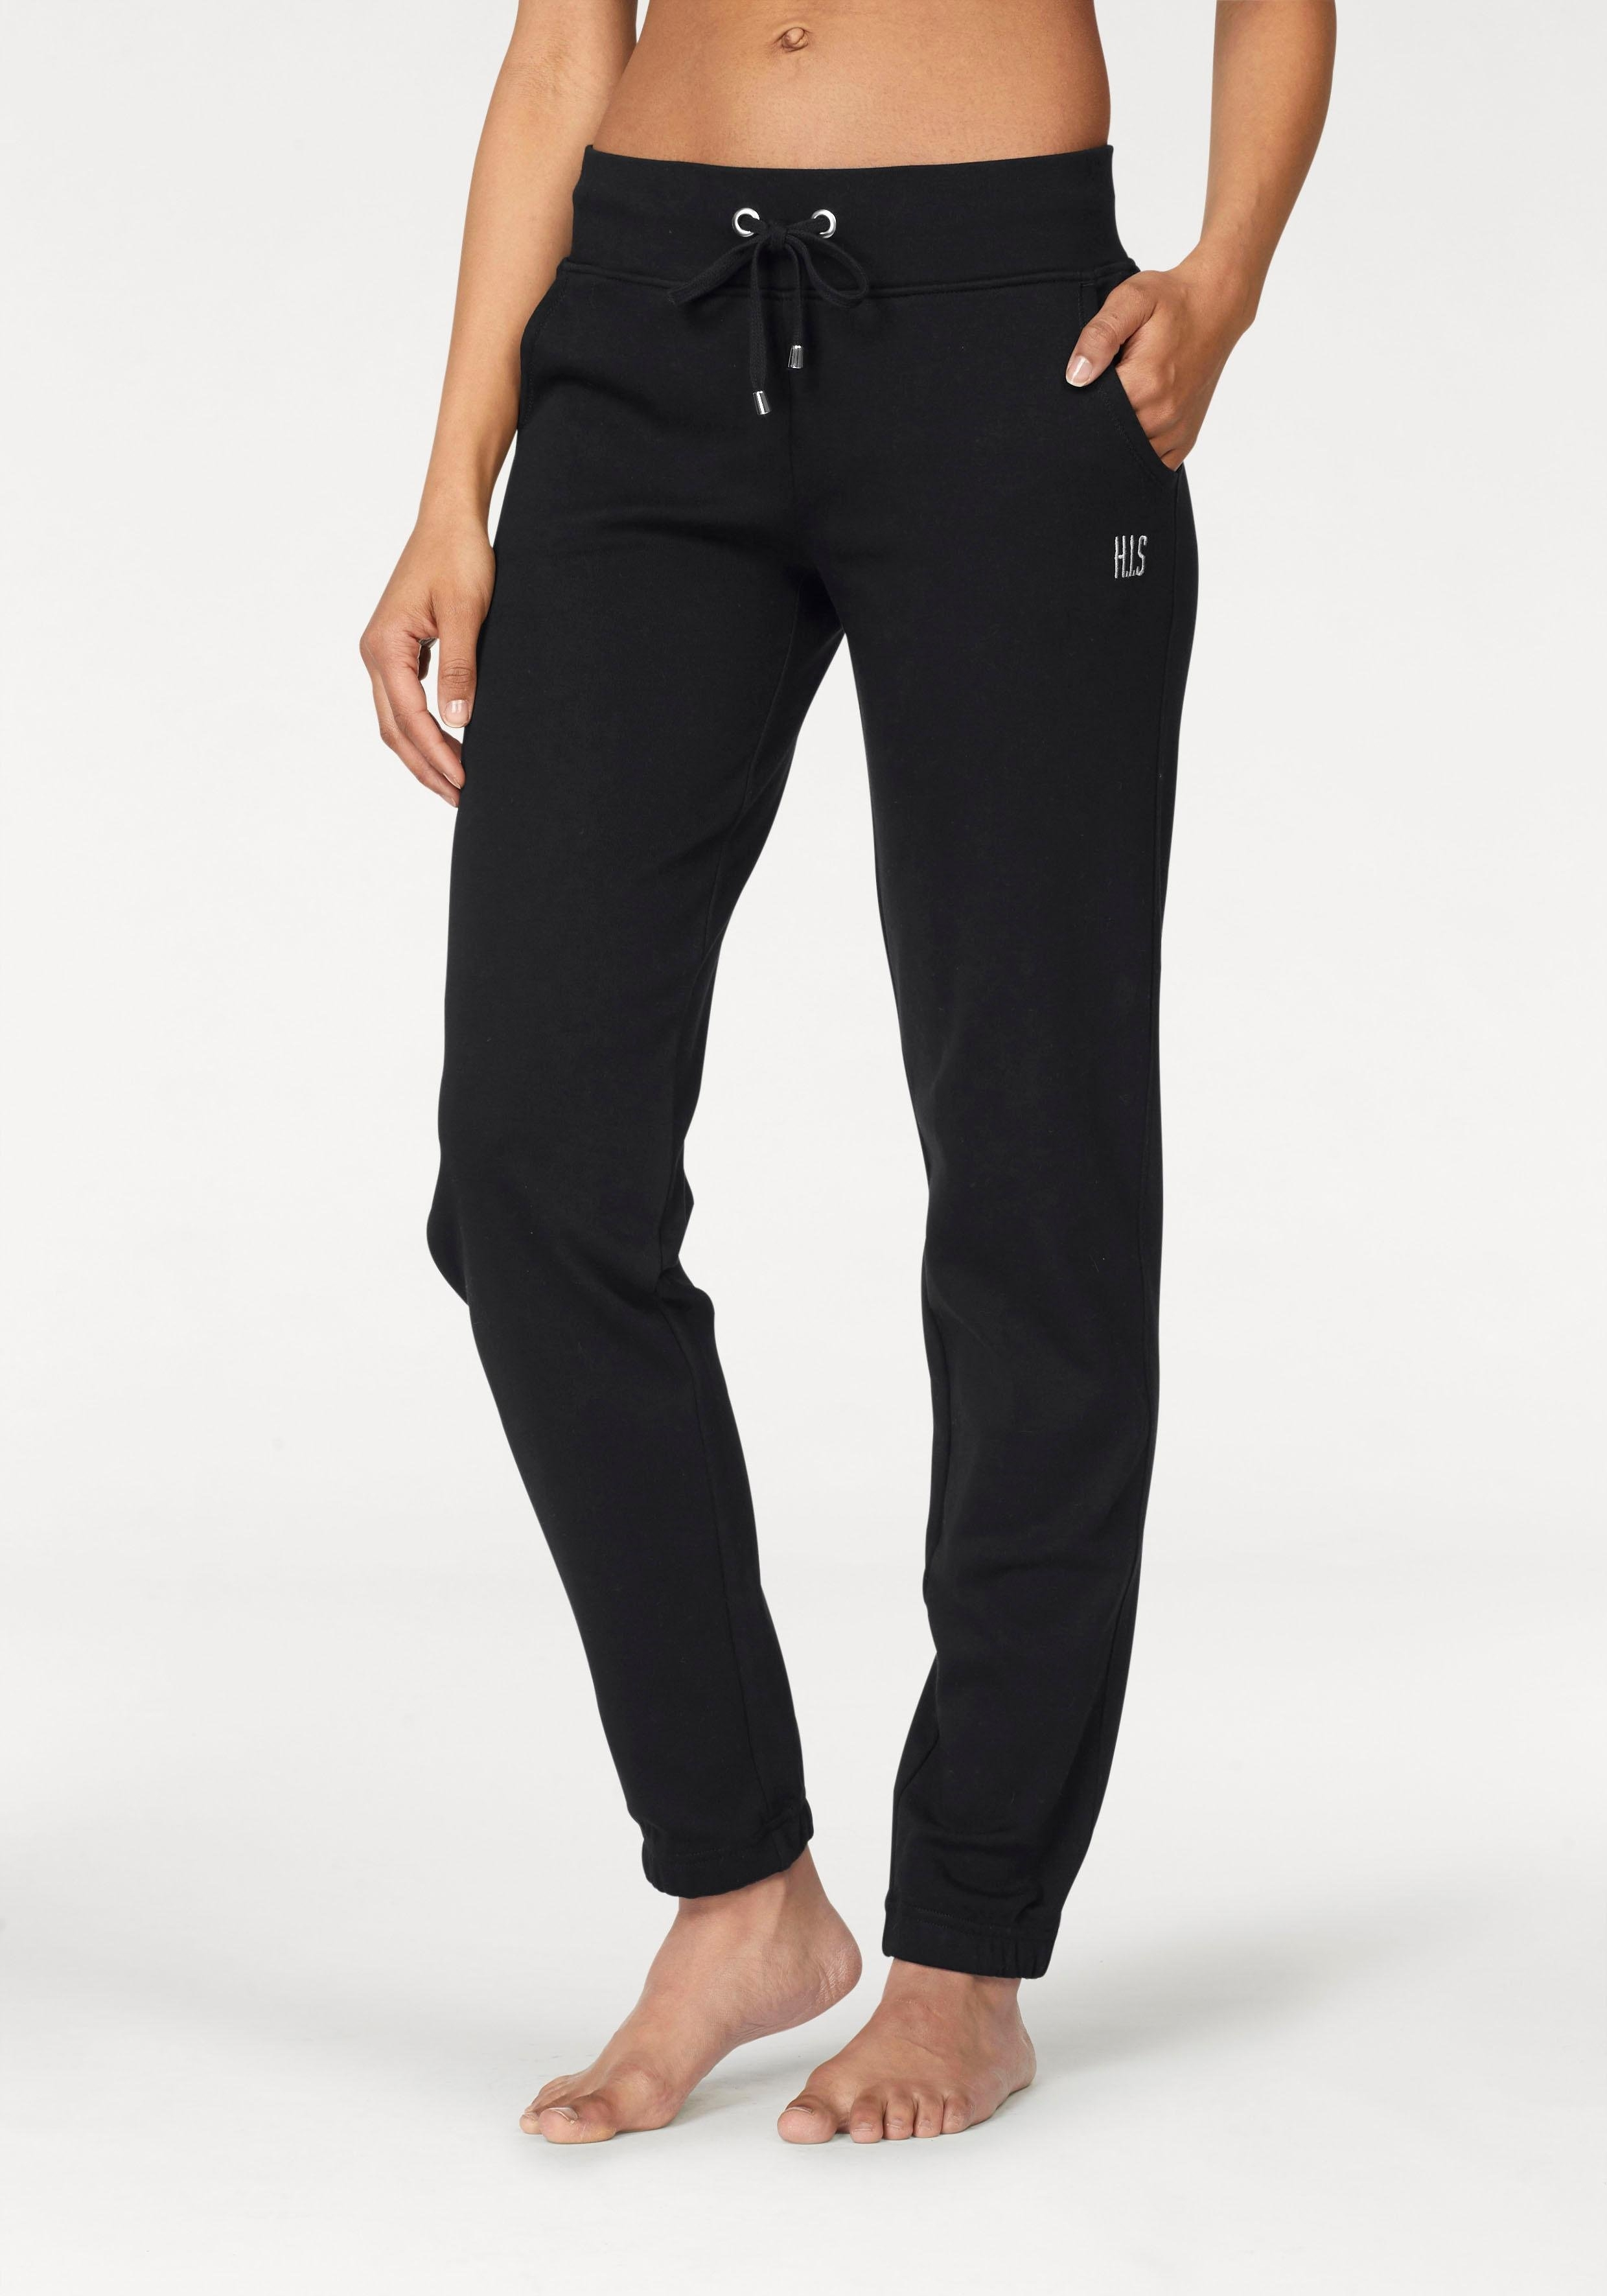 H.I.S relaxbroek in joggingpants-look voordelig en veilig online kopen